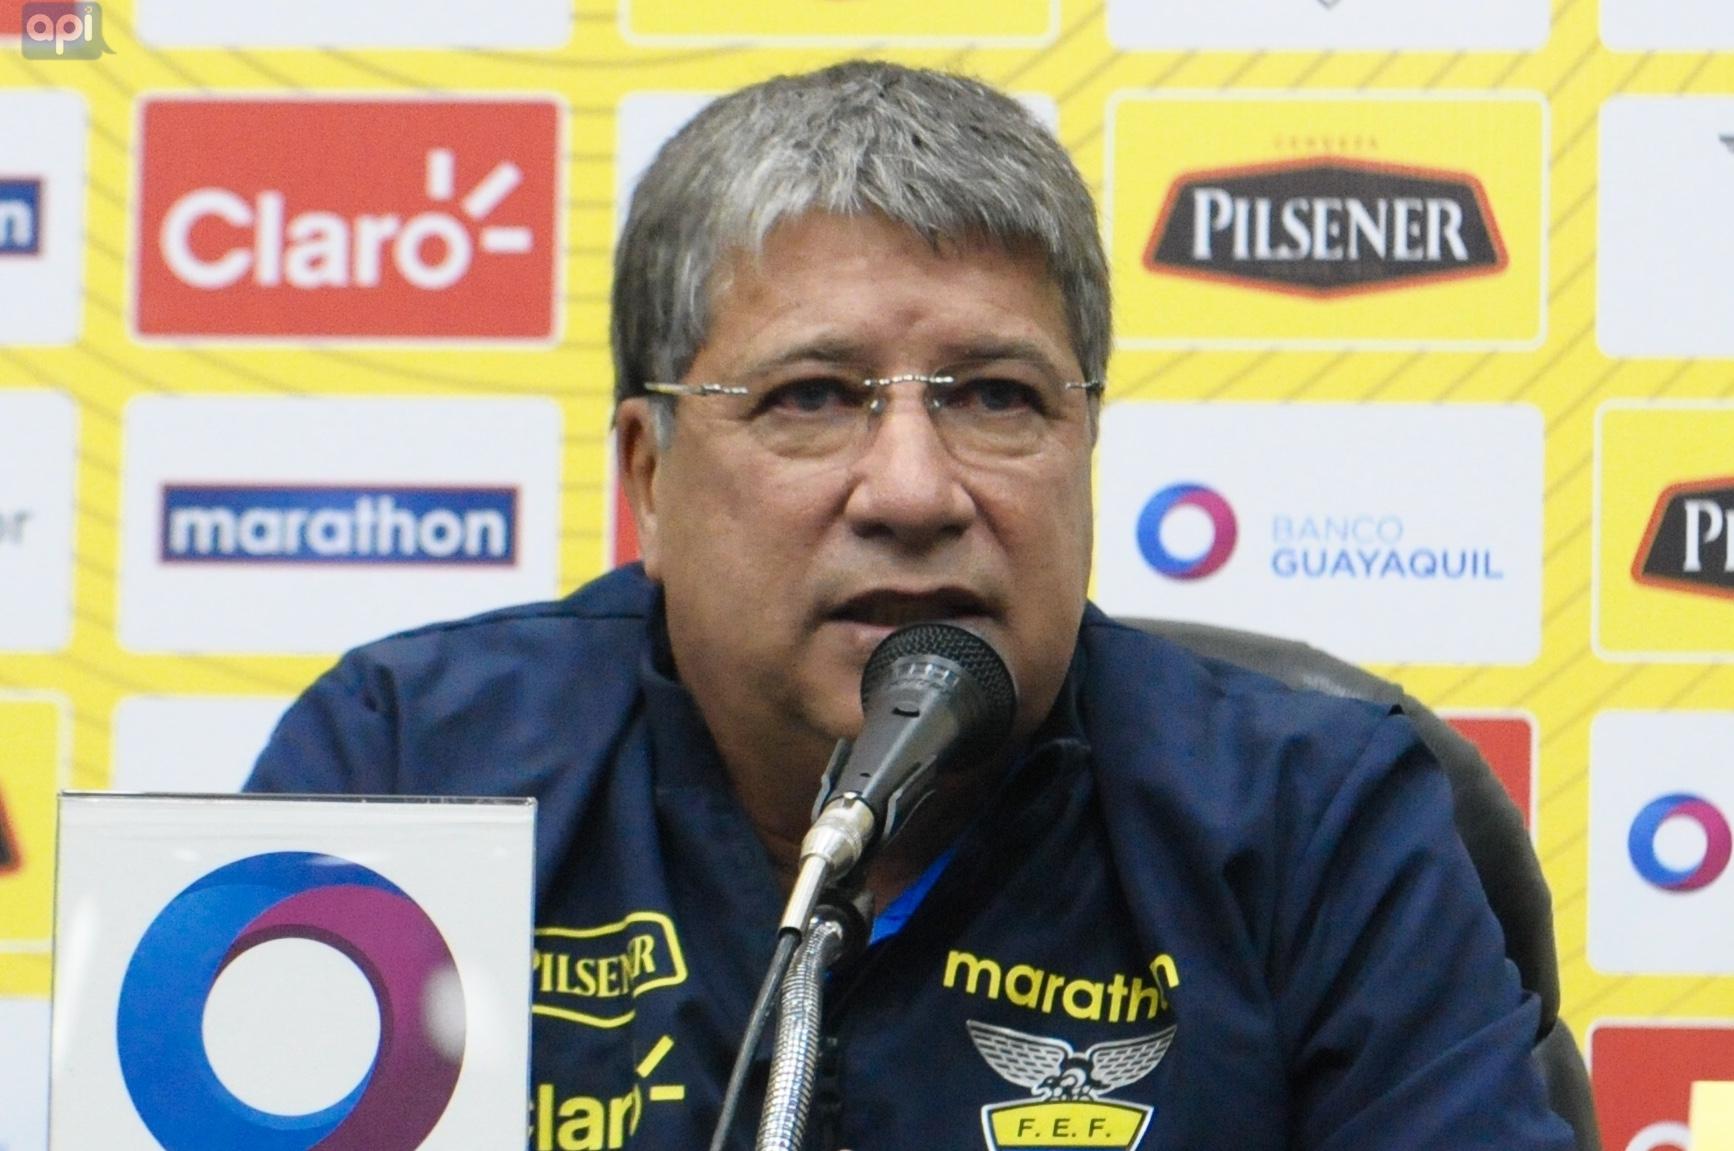 """El """"Bolillo"""" Gómez se refirió al poco apoyo que percibe por parte de la afición y la prensa, recalcando que """"a un Mundial se llega con la unión de todo un país"""""""